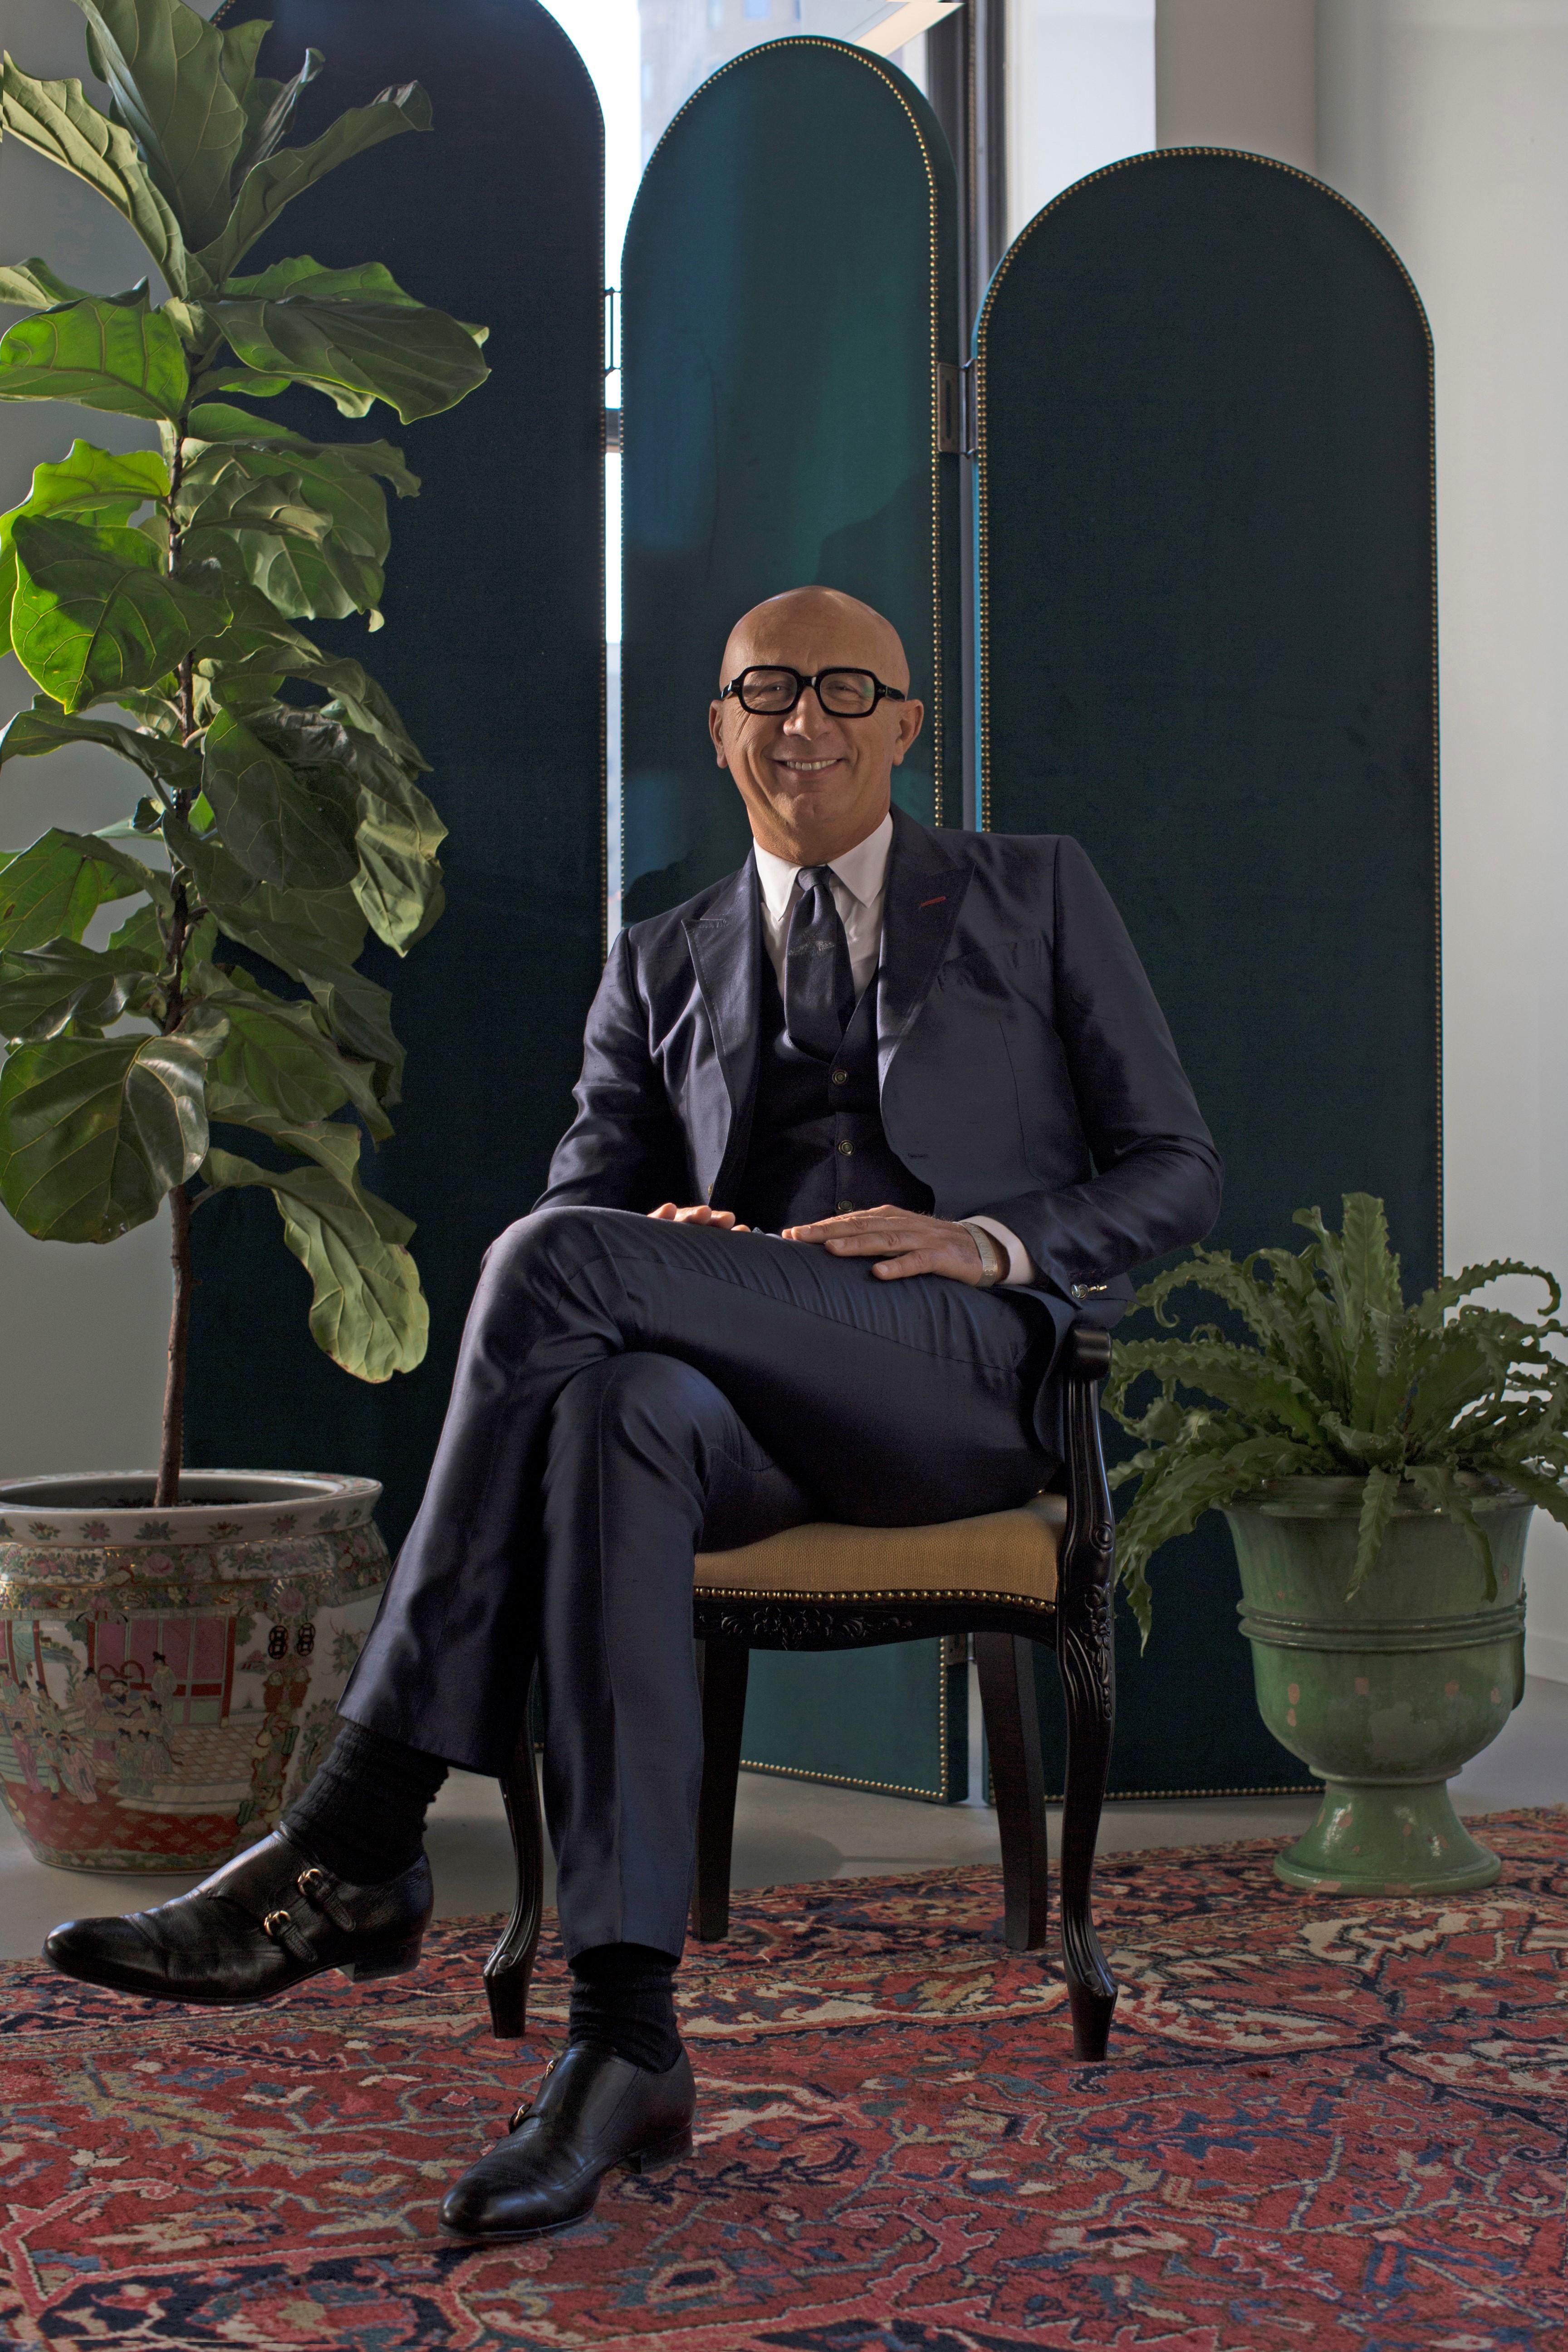 Gucci CEO Marco Bizzarri shot by Petra Collins